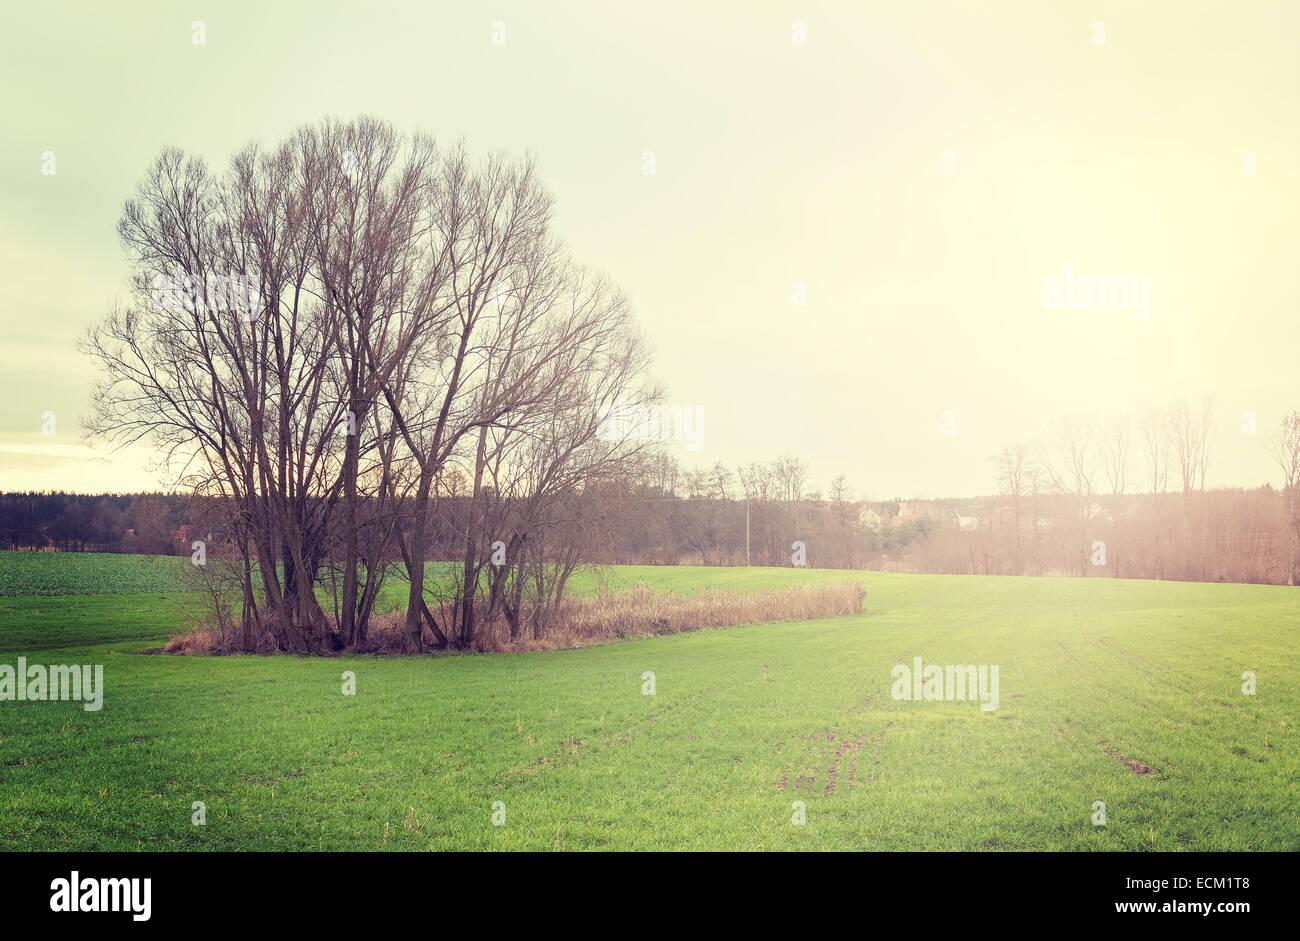 Tramonto sul campo, vintage stile retrò natura dello sfondo. Immagini Stock